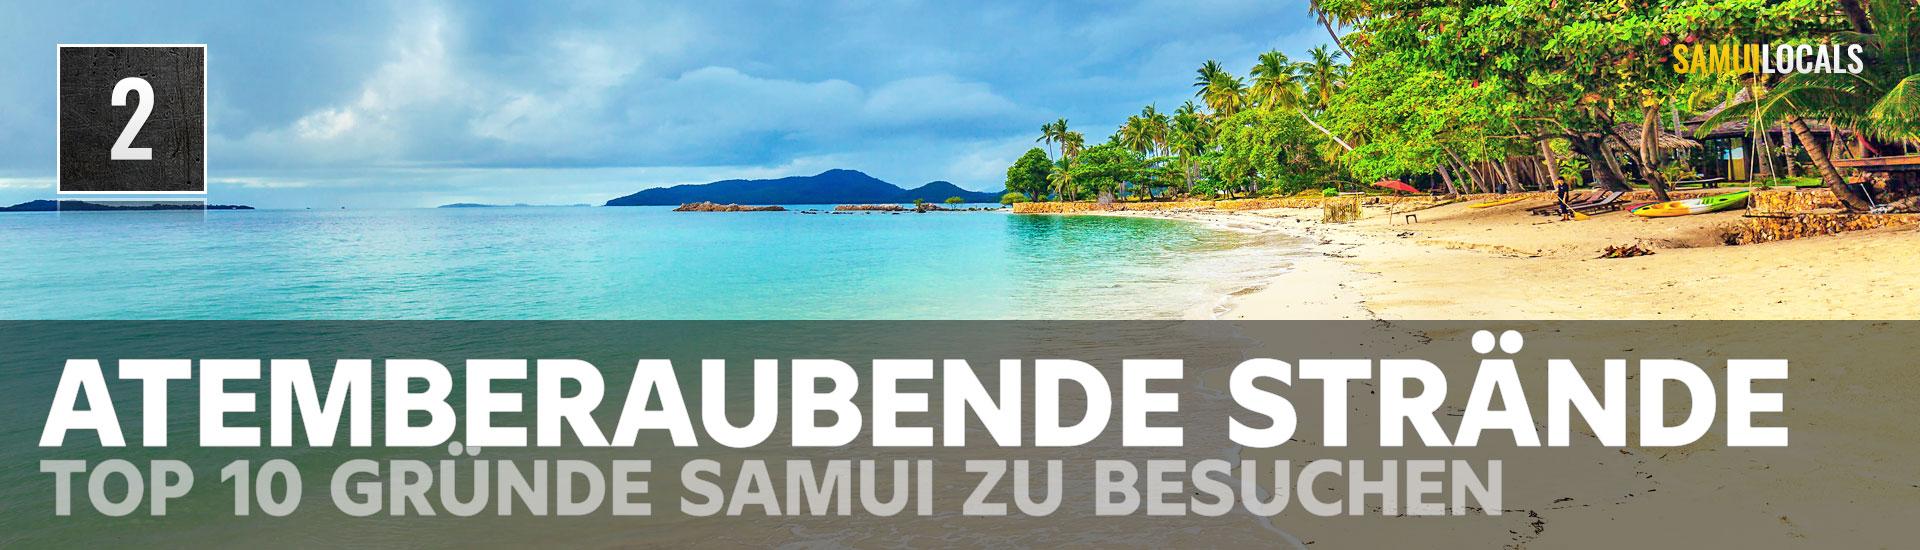 top_10_gruende_samui_zu_besuchen_atemberaubende_straende